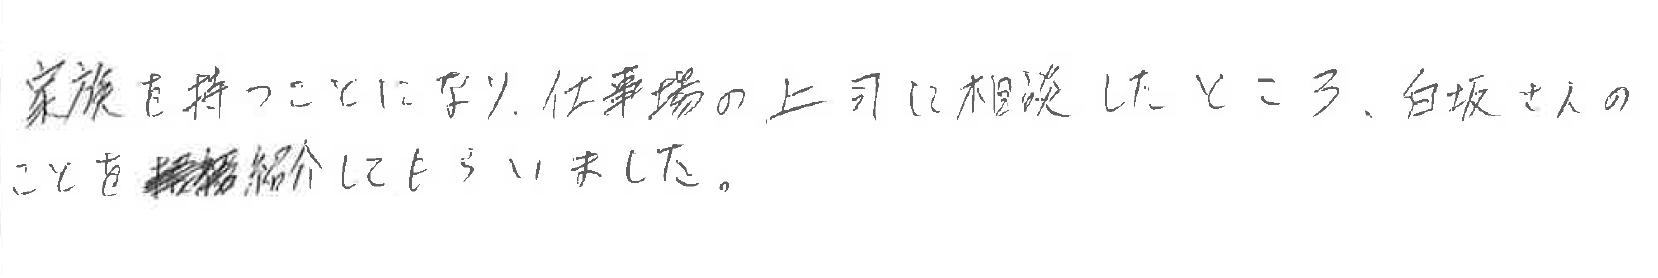 家族を持つことになり、仕事場の上司に相談したところ、白坂さんのことを紹介してもらいました。